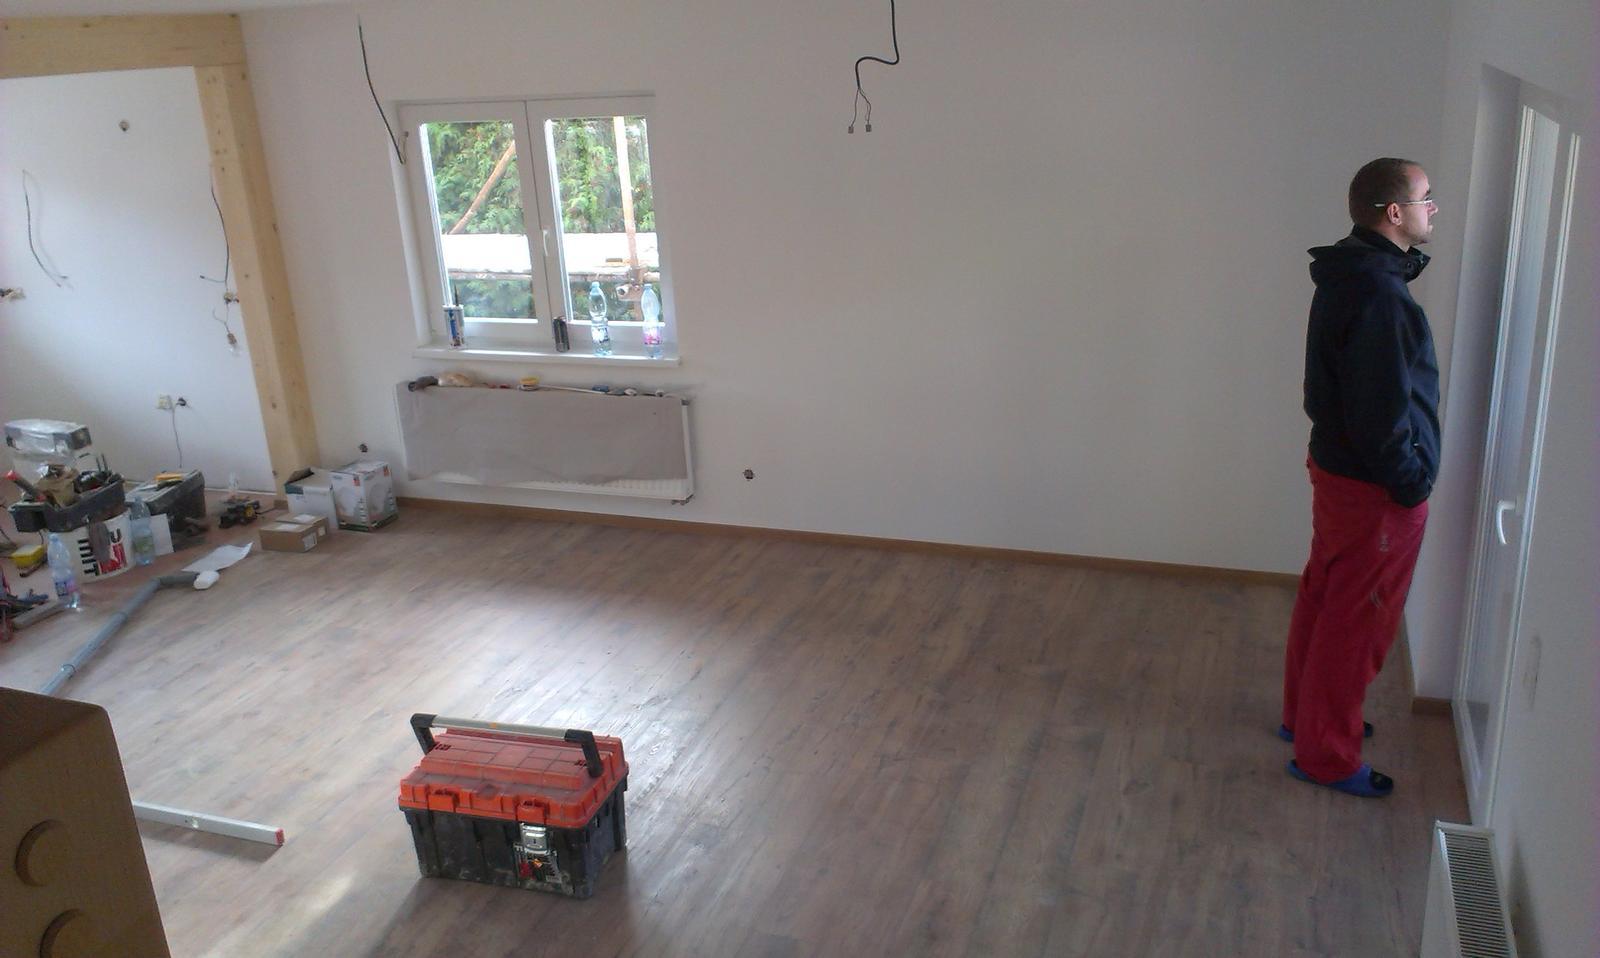 Nova 77 - 11.deň montáže - finišujeme - dokončujú sa detaily a upratovanie okolo domu